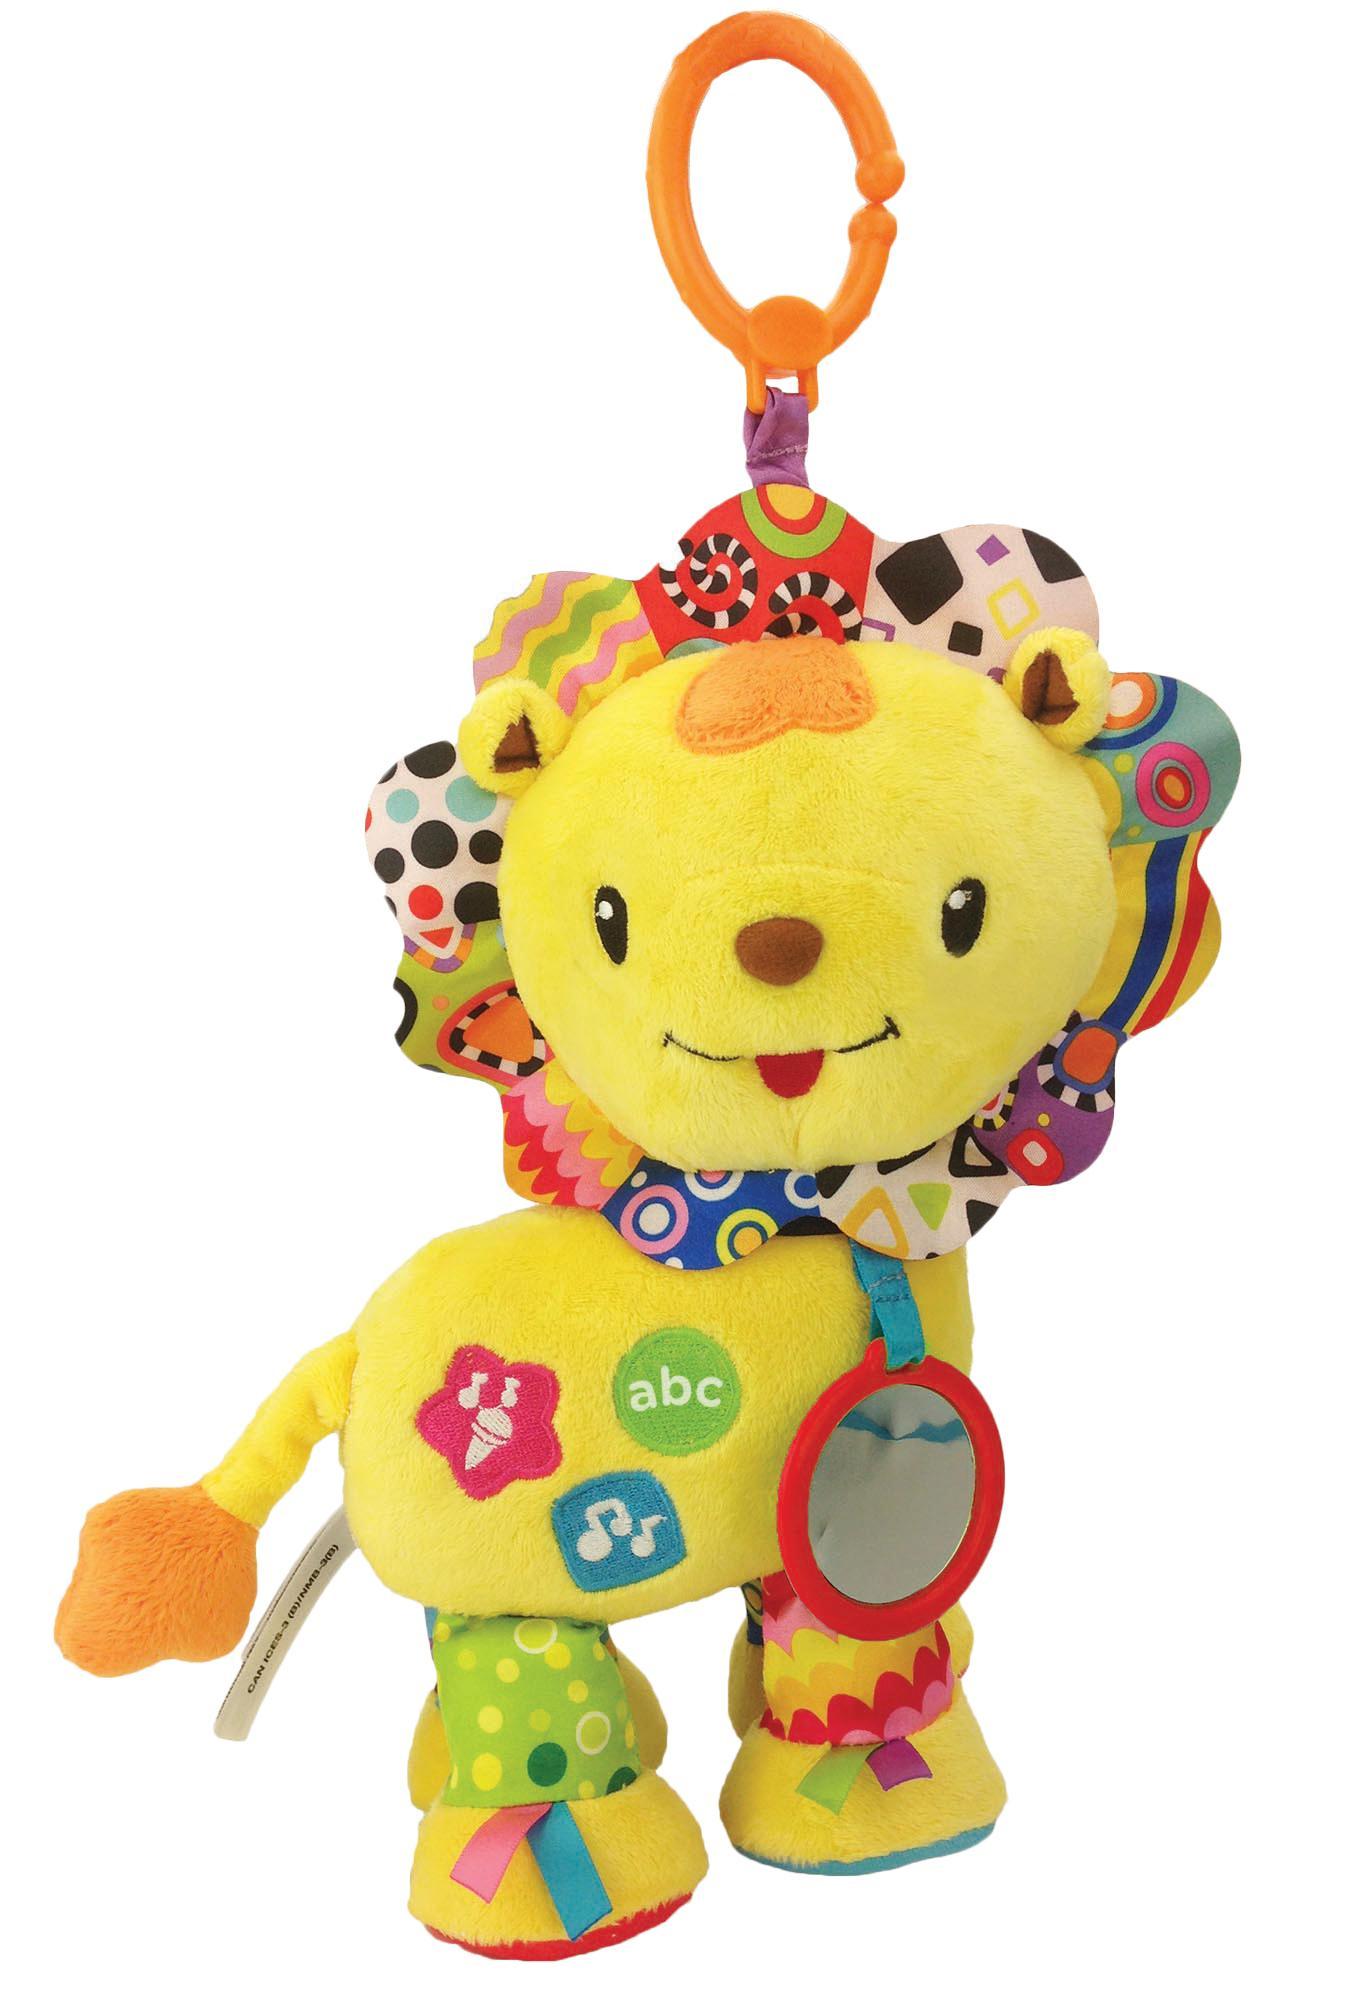 Vtech Baby My 1st Activity Lion Toy Amazon Co Uk Toys